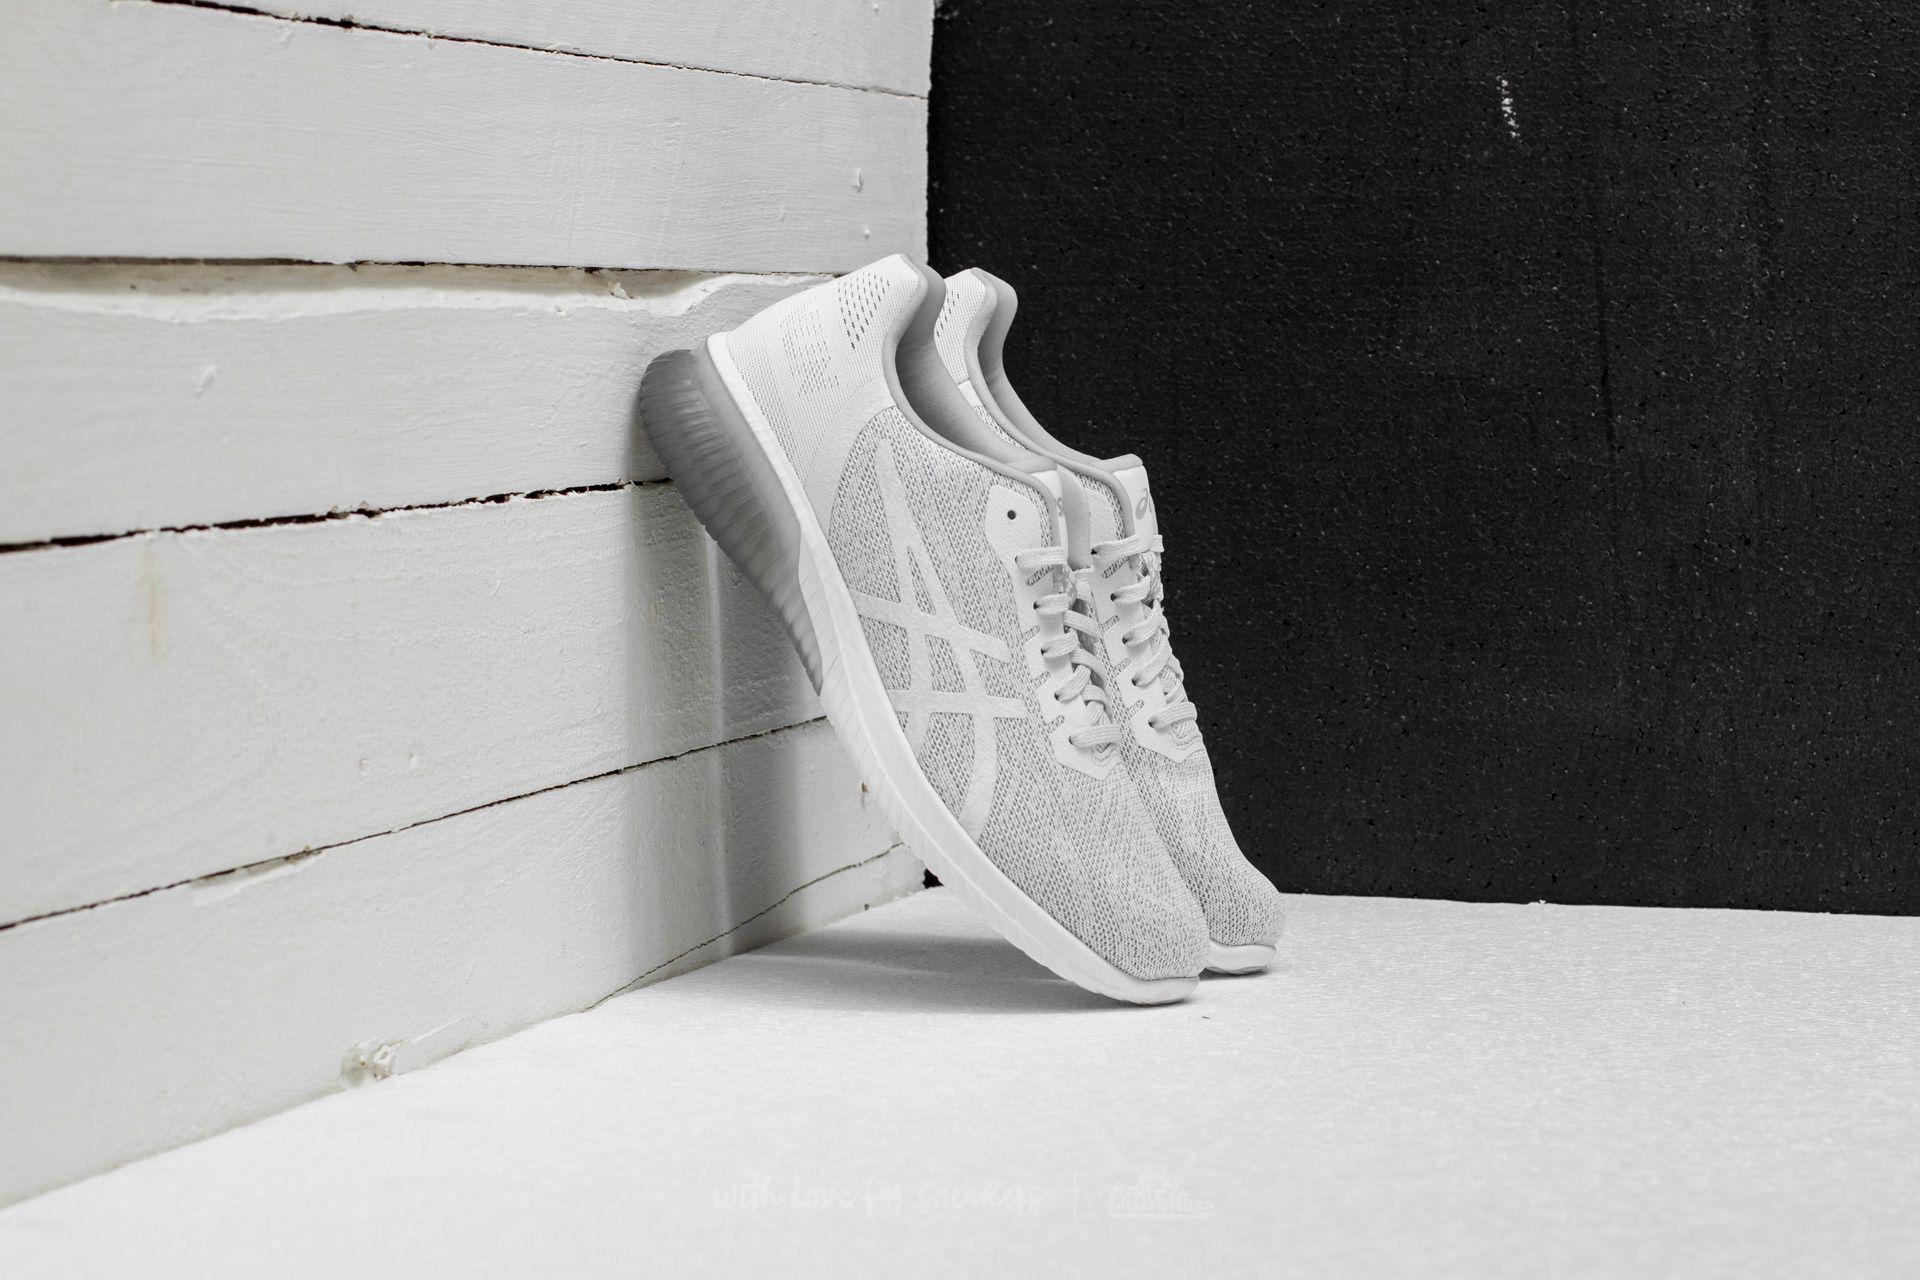 Asics Gel-Kenun White/ White/ Glacier Grey za skvělou cenu 1 690 Kč koupíte na Footshop.cz